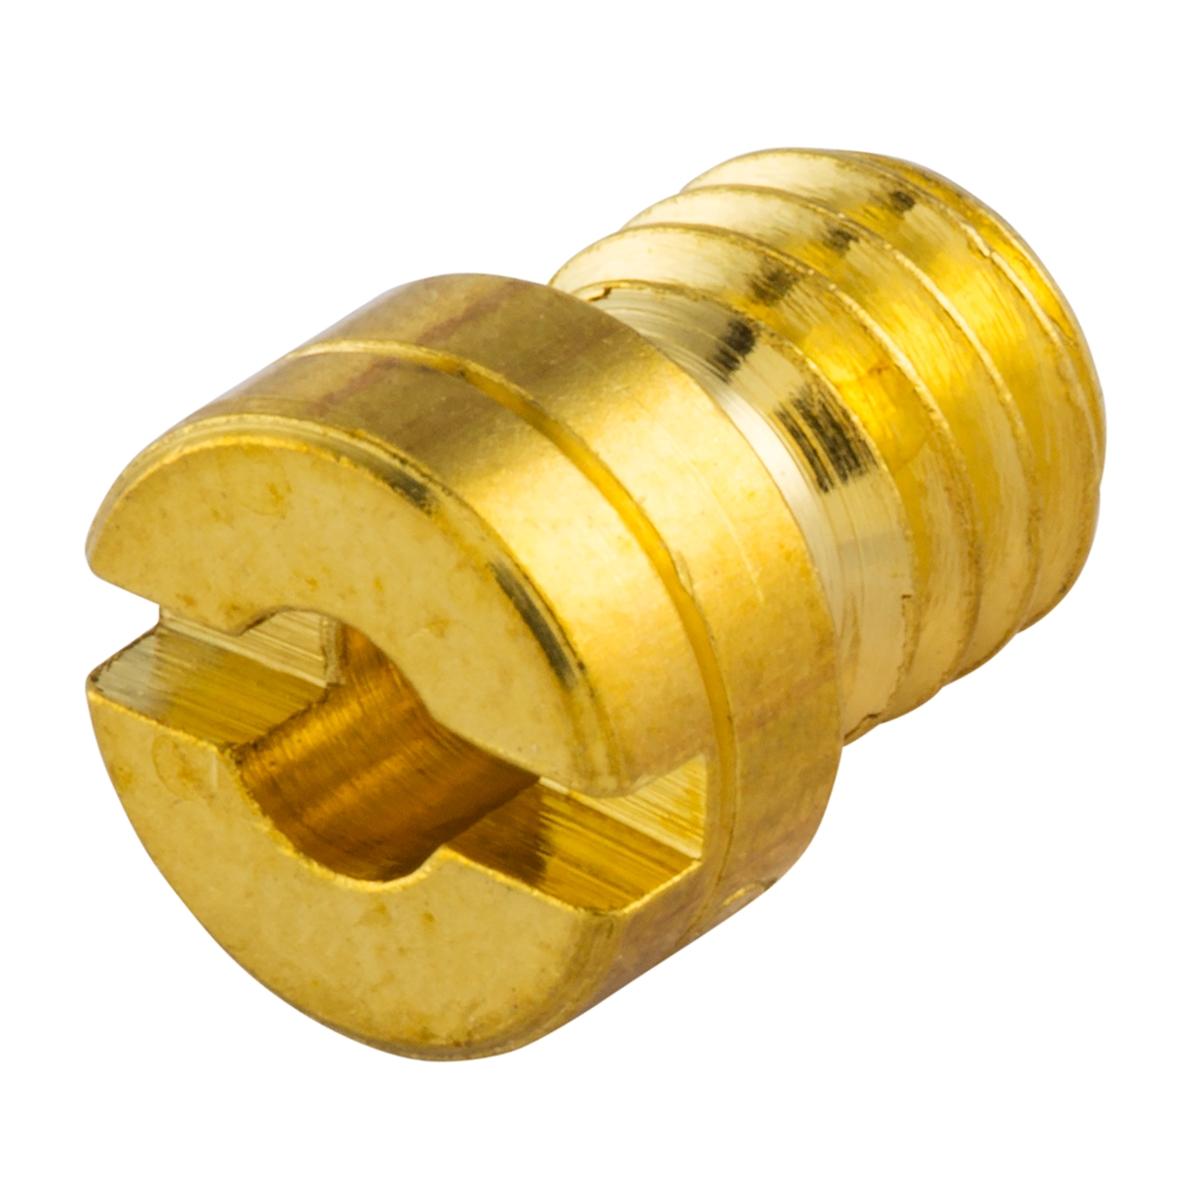 Produktbild für 'Hauptdüse 115 Ø 5 mm'